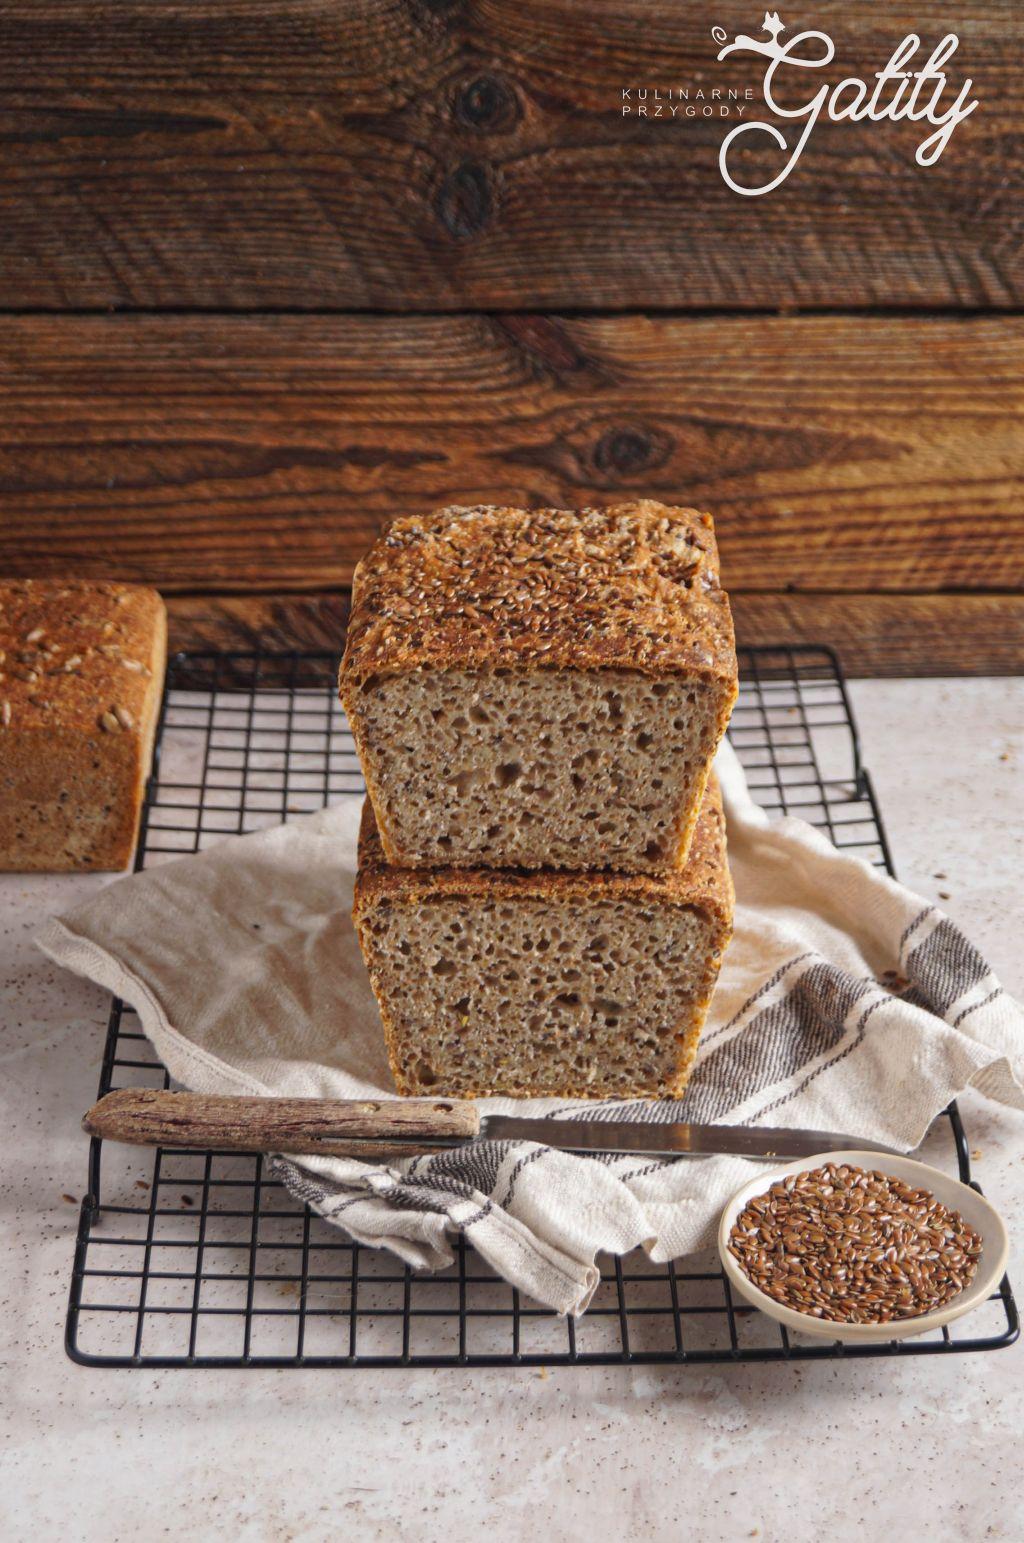 bochenek-chleba-na-kratce